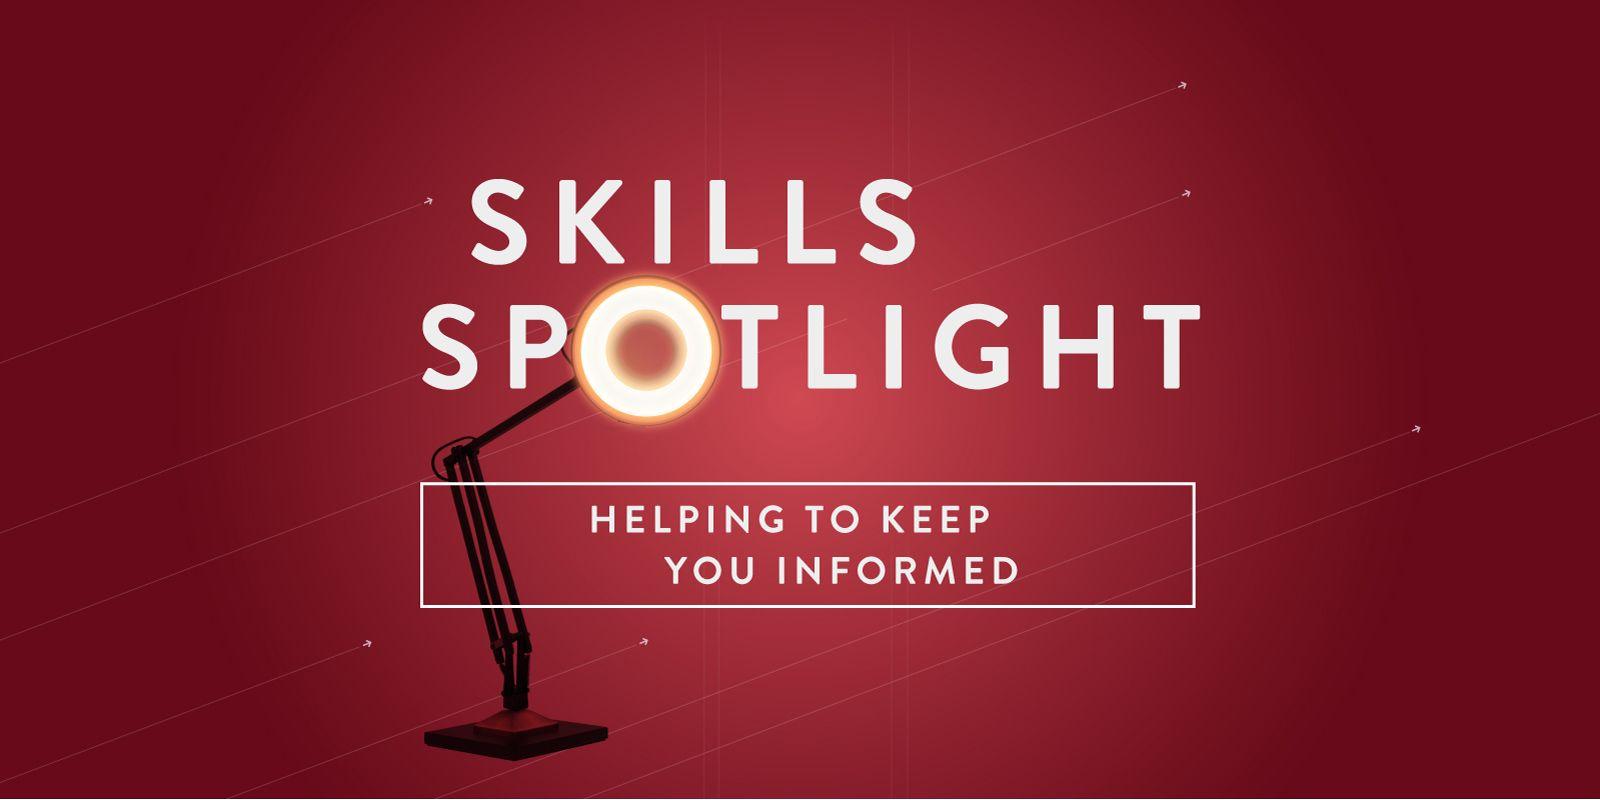 Skills Spotlight